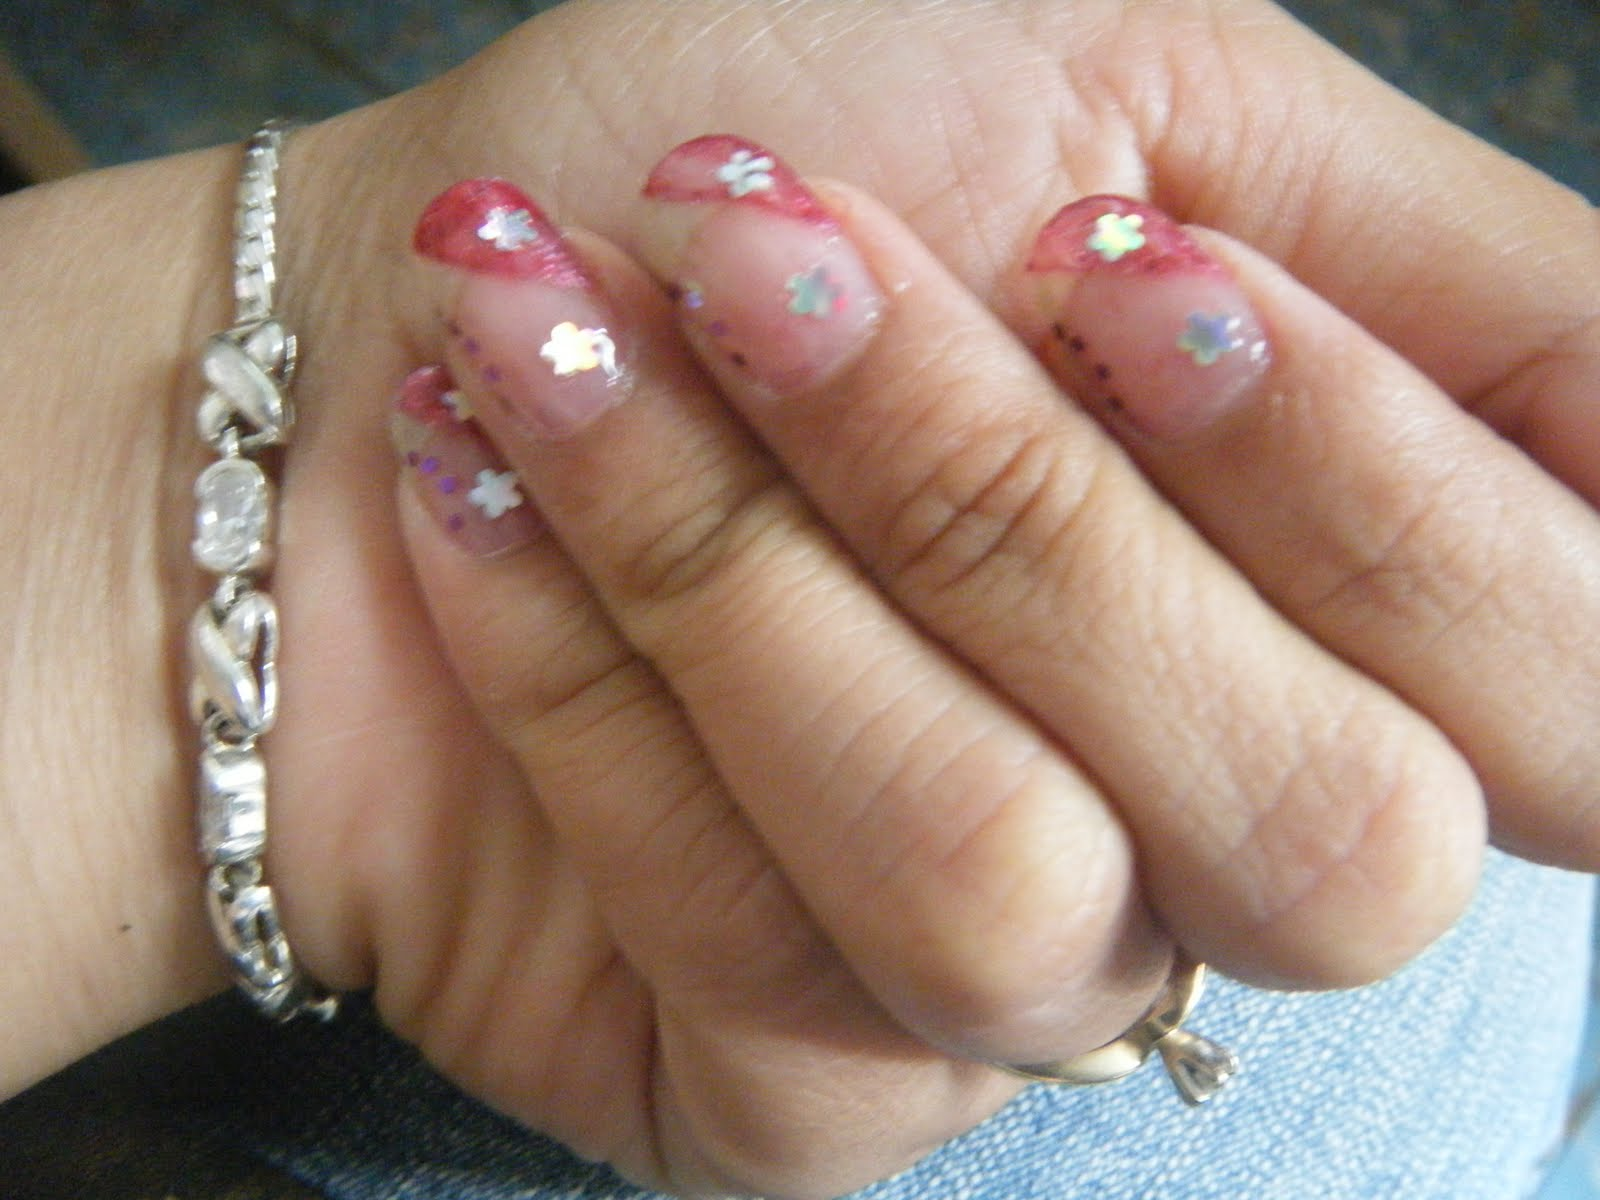 Disenos unas acrilicas capriccio nails cancun curso for Disenos de unas